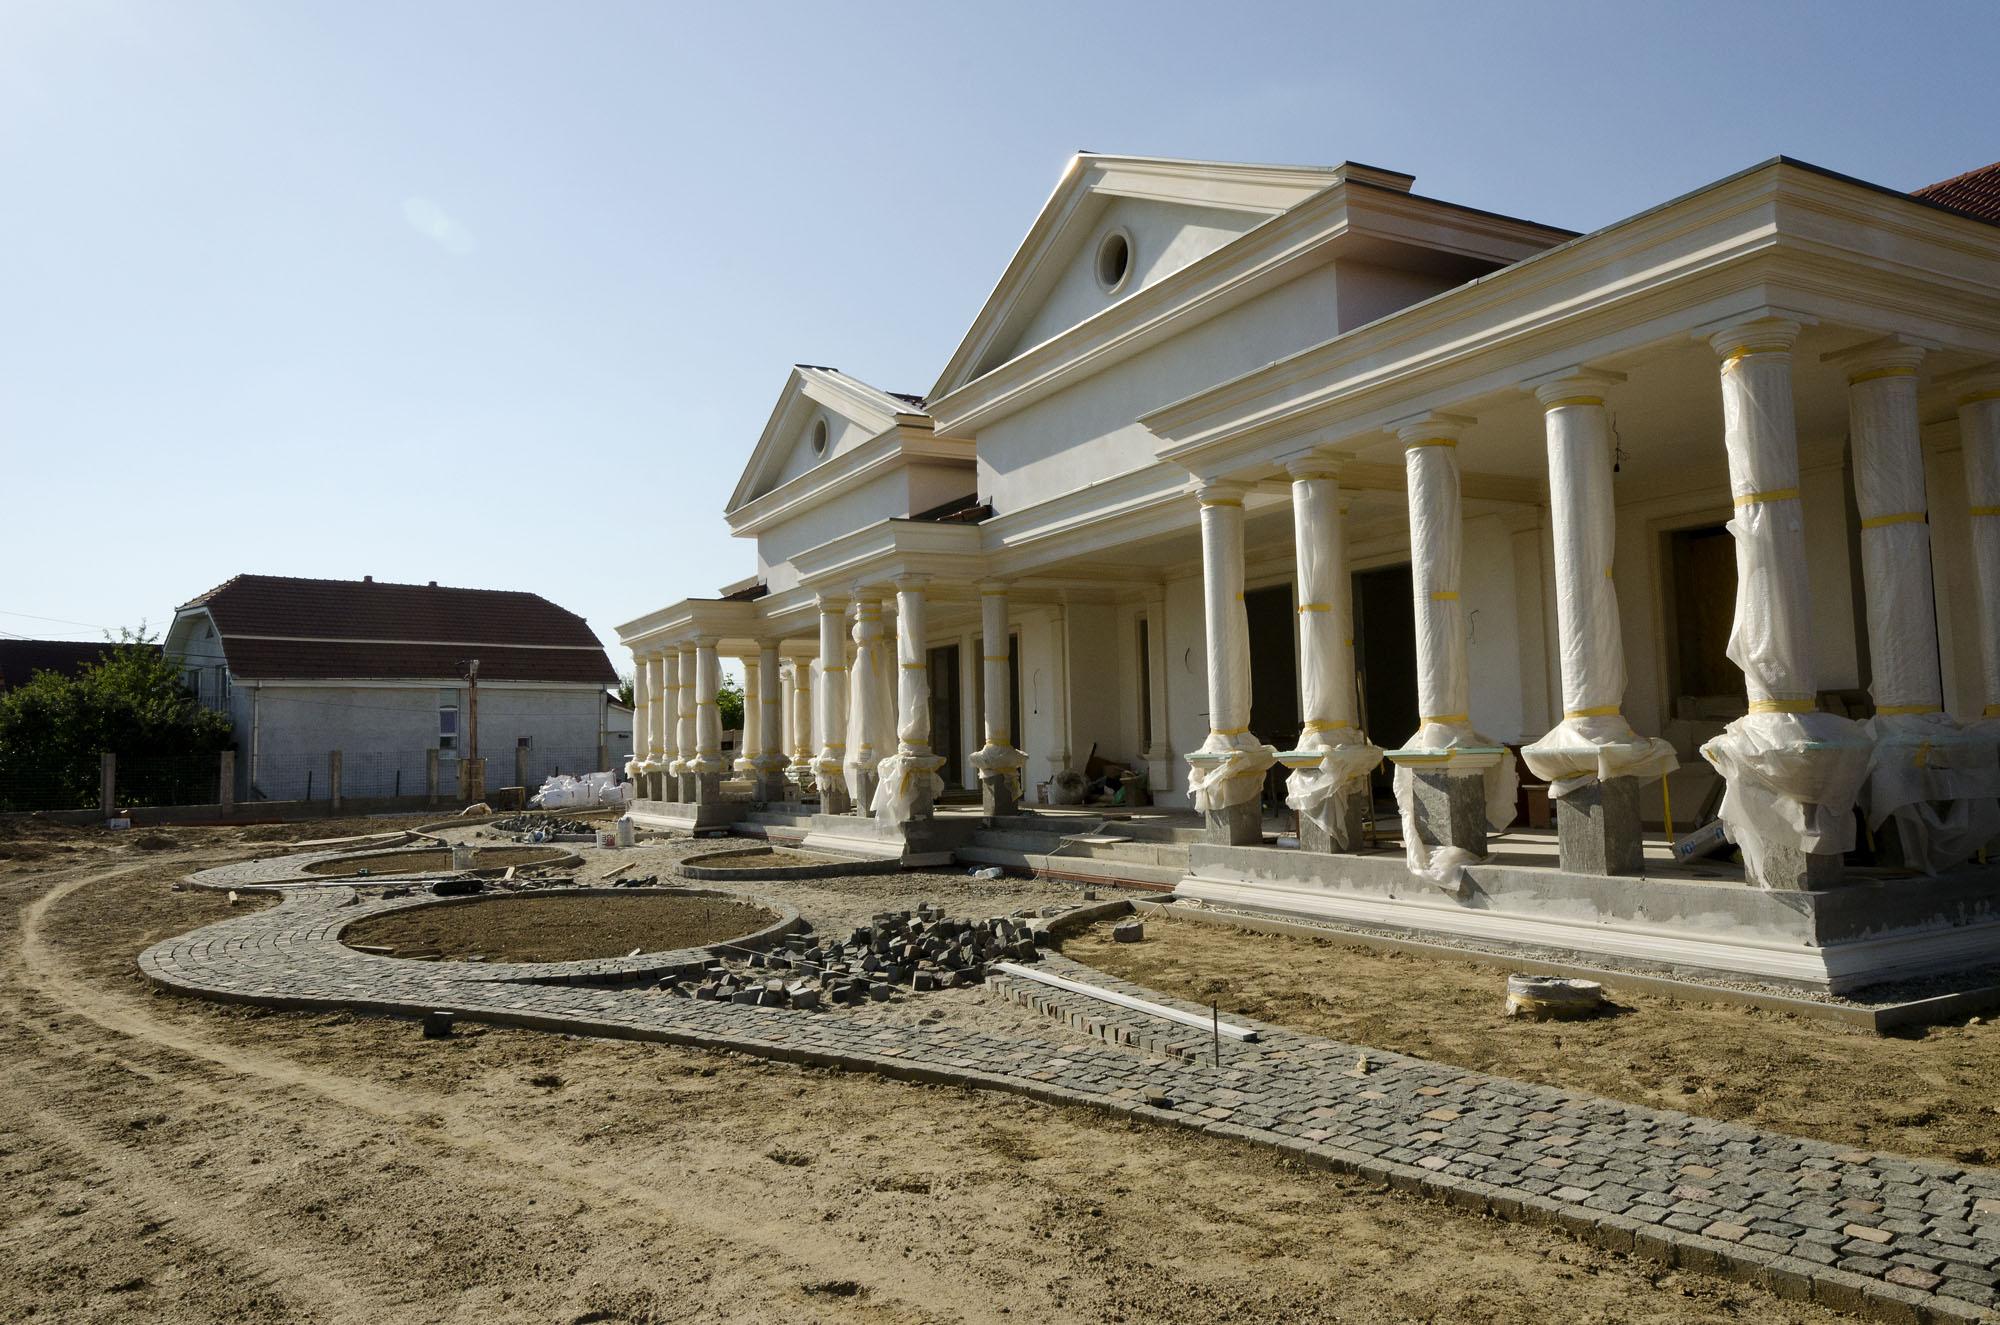 Elemente arhitecturale LEVENTE COMPANIE - Poza 1